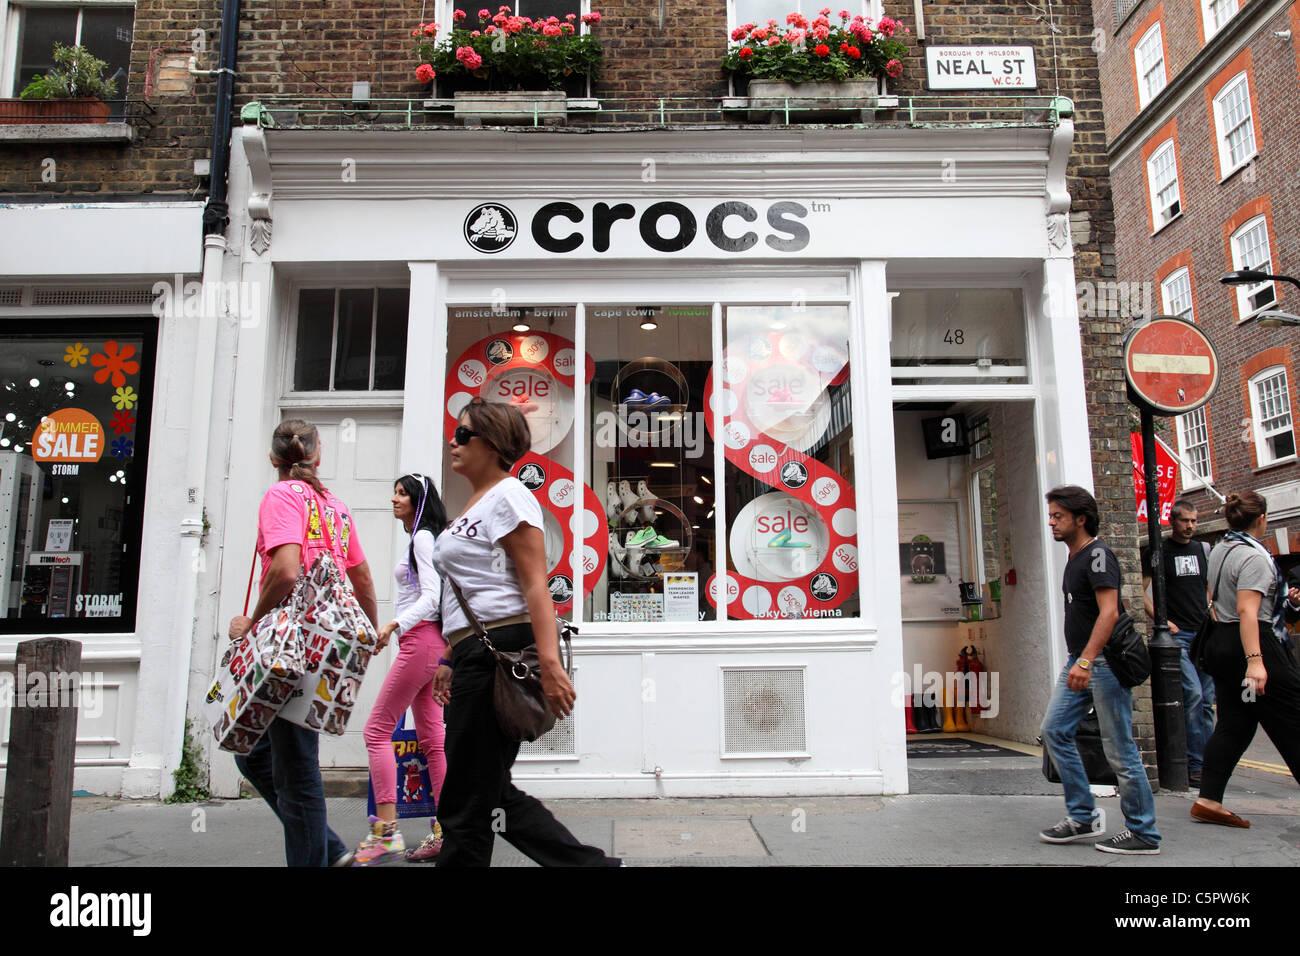 3c6c3a550 Shoe Shop Croc Stock Photos   Shoe Shop Croc Stock Images - Alamy